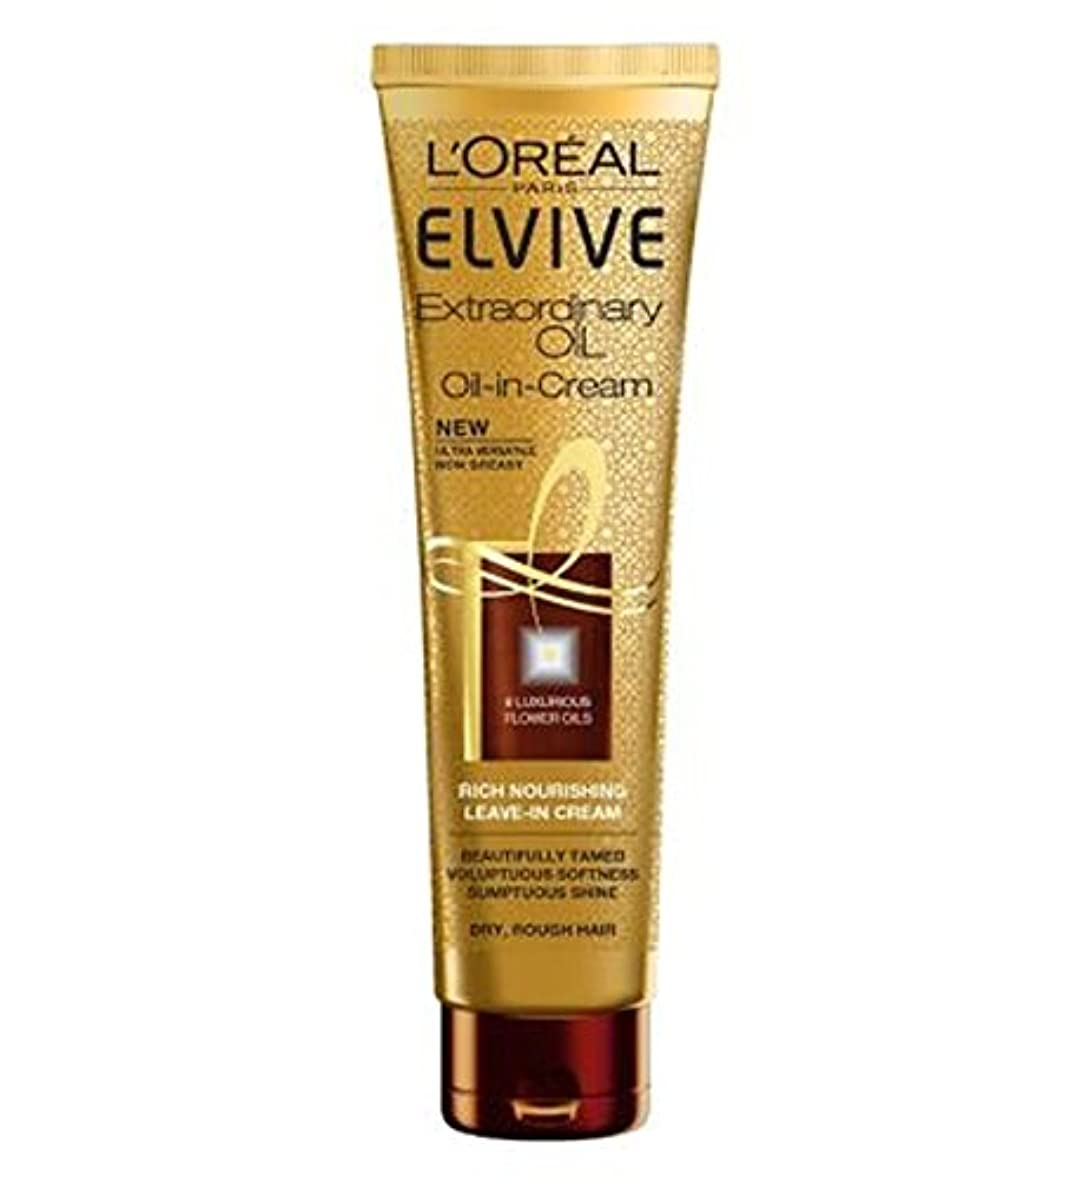 審判堂々たる首L'Oreal Paris Elvive Extraordinary Oil in Cream Dry Hair - クリーム乾いた髪でロレアルパリElvive臨時オイル (L'Oreal) [並行輸入品]